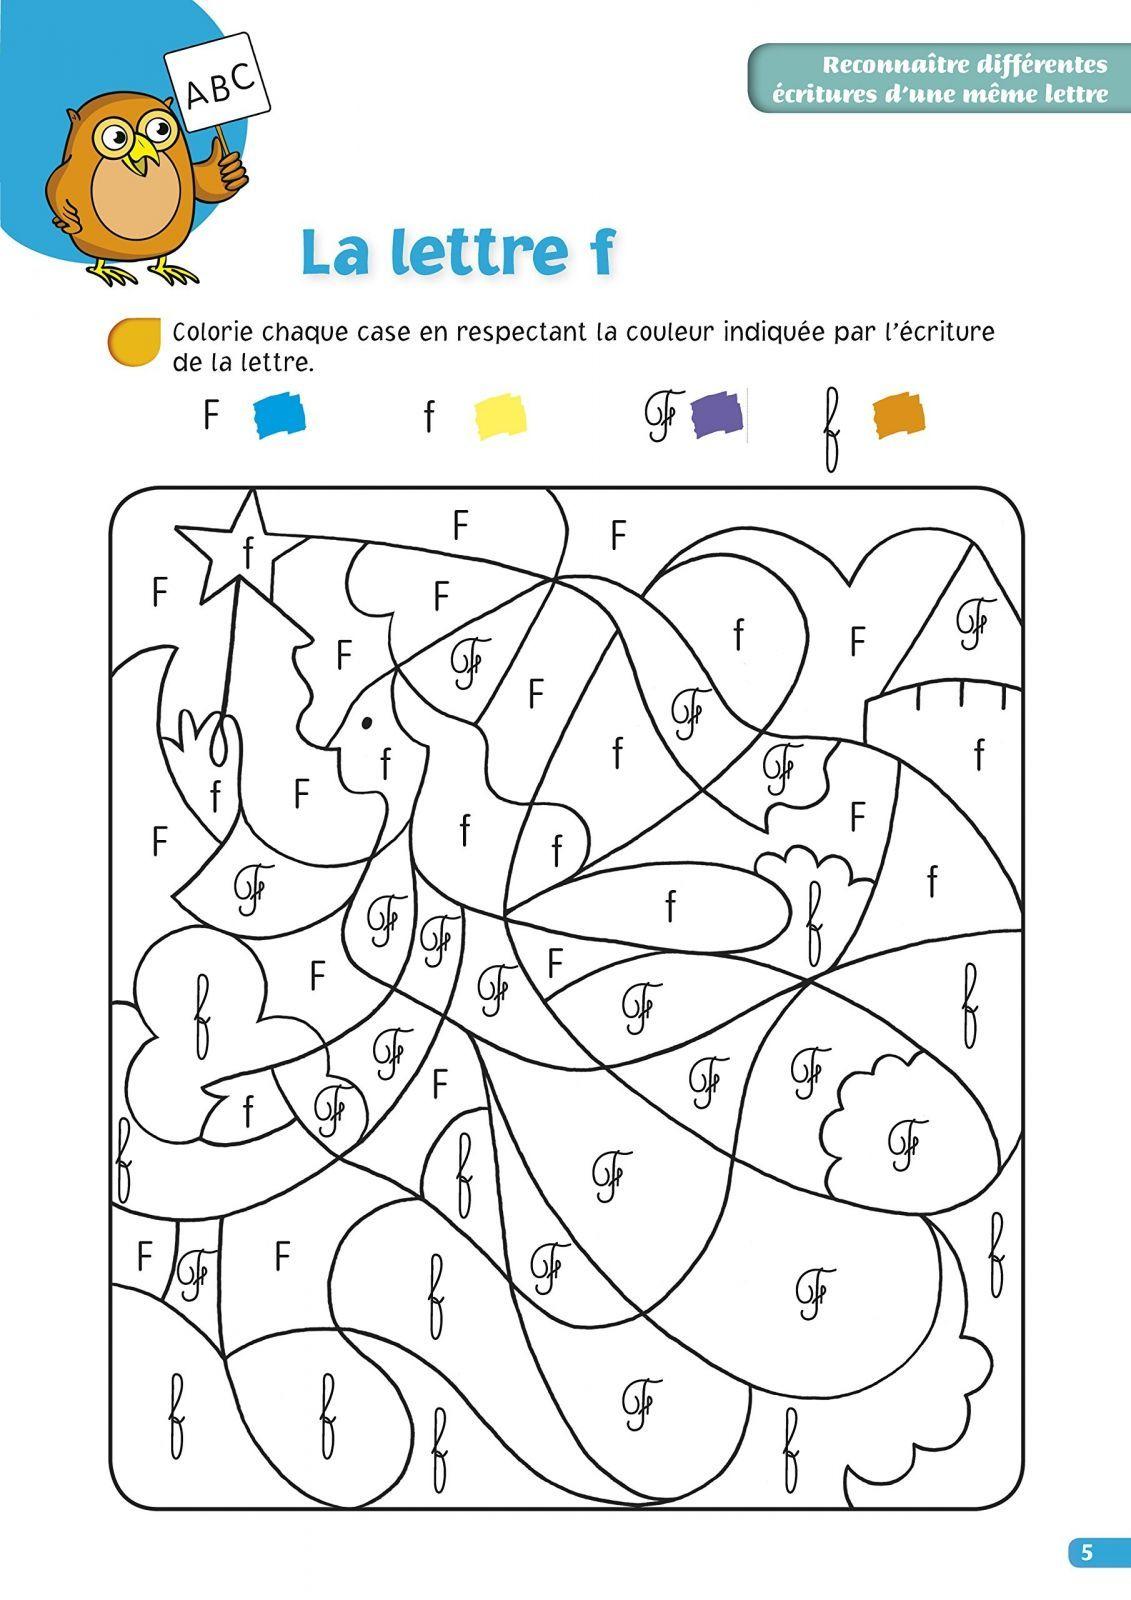 Coloriage Magique Gs Lettres Cursives En 2020 | Coloriage dedans Coloriage Magique Maternelle Grande Section